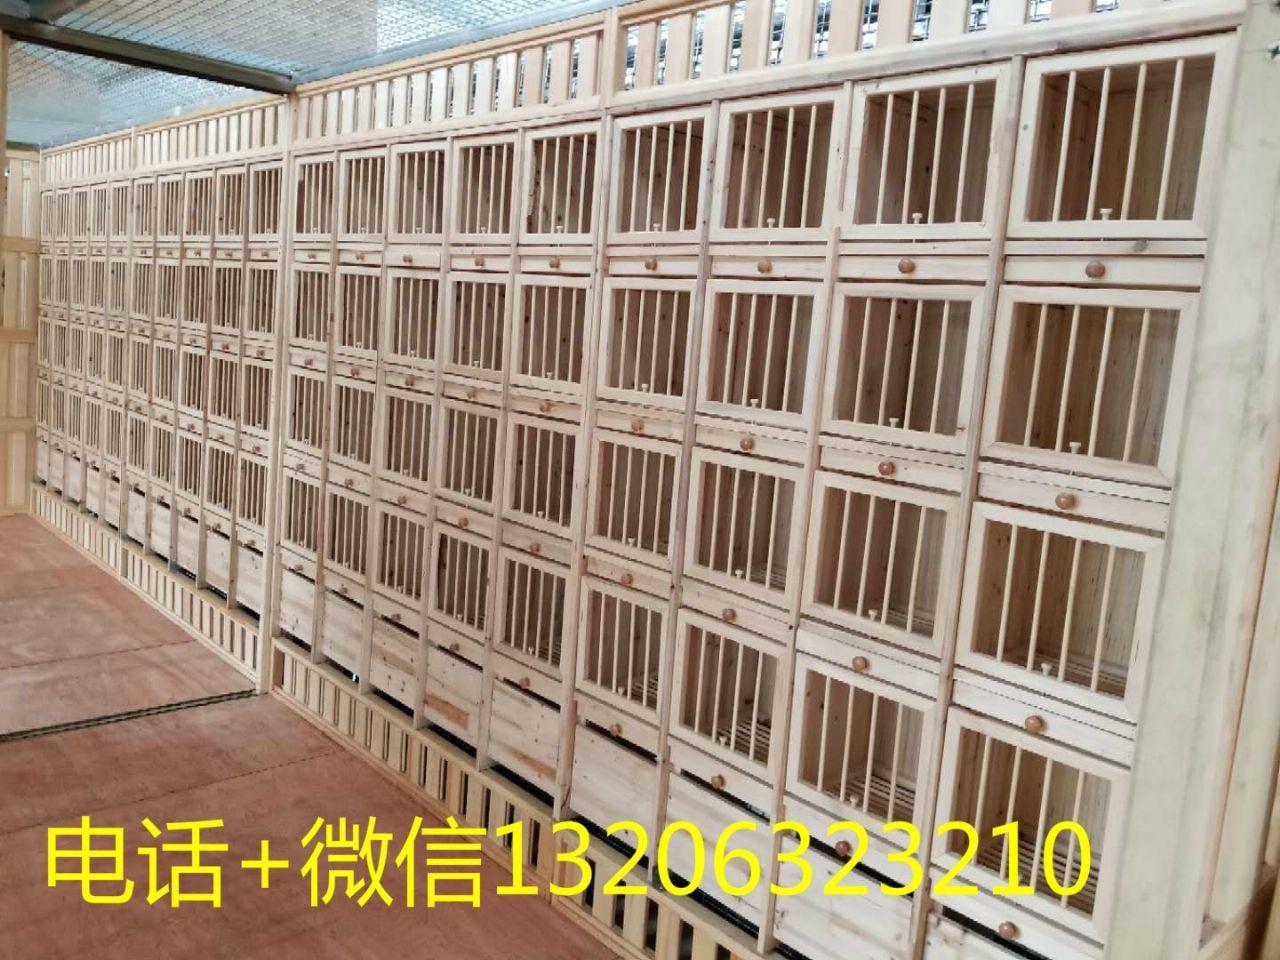 信鸽巢箱 赛鸽组合巢箱 调节巢箱 信鸽配对笼鸽笼